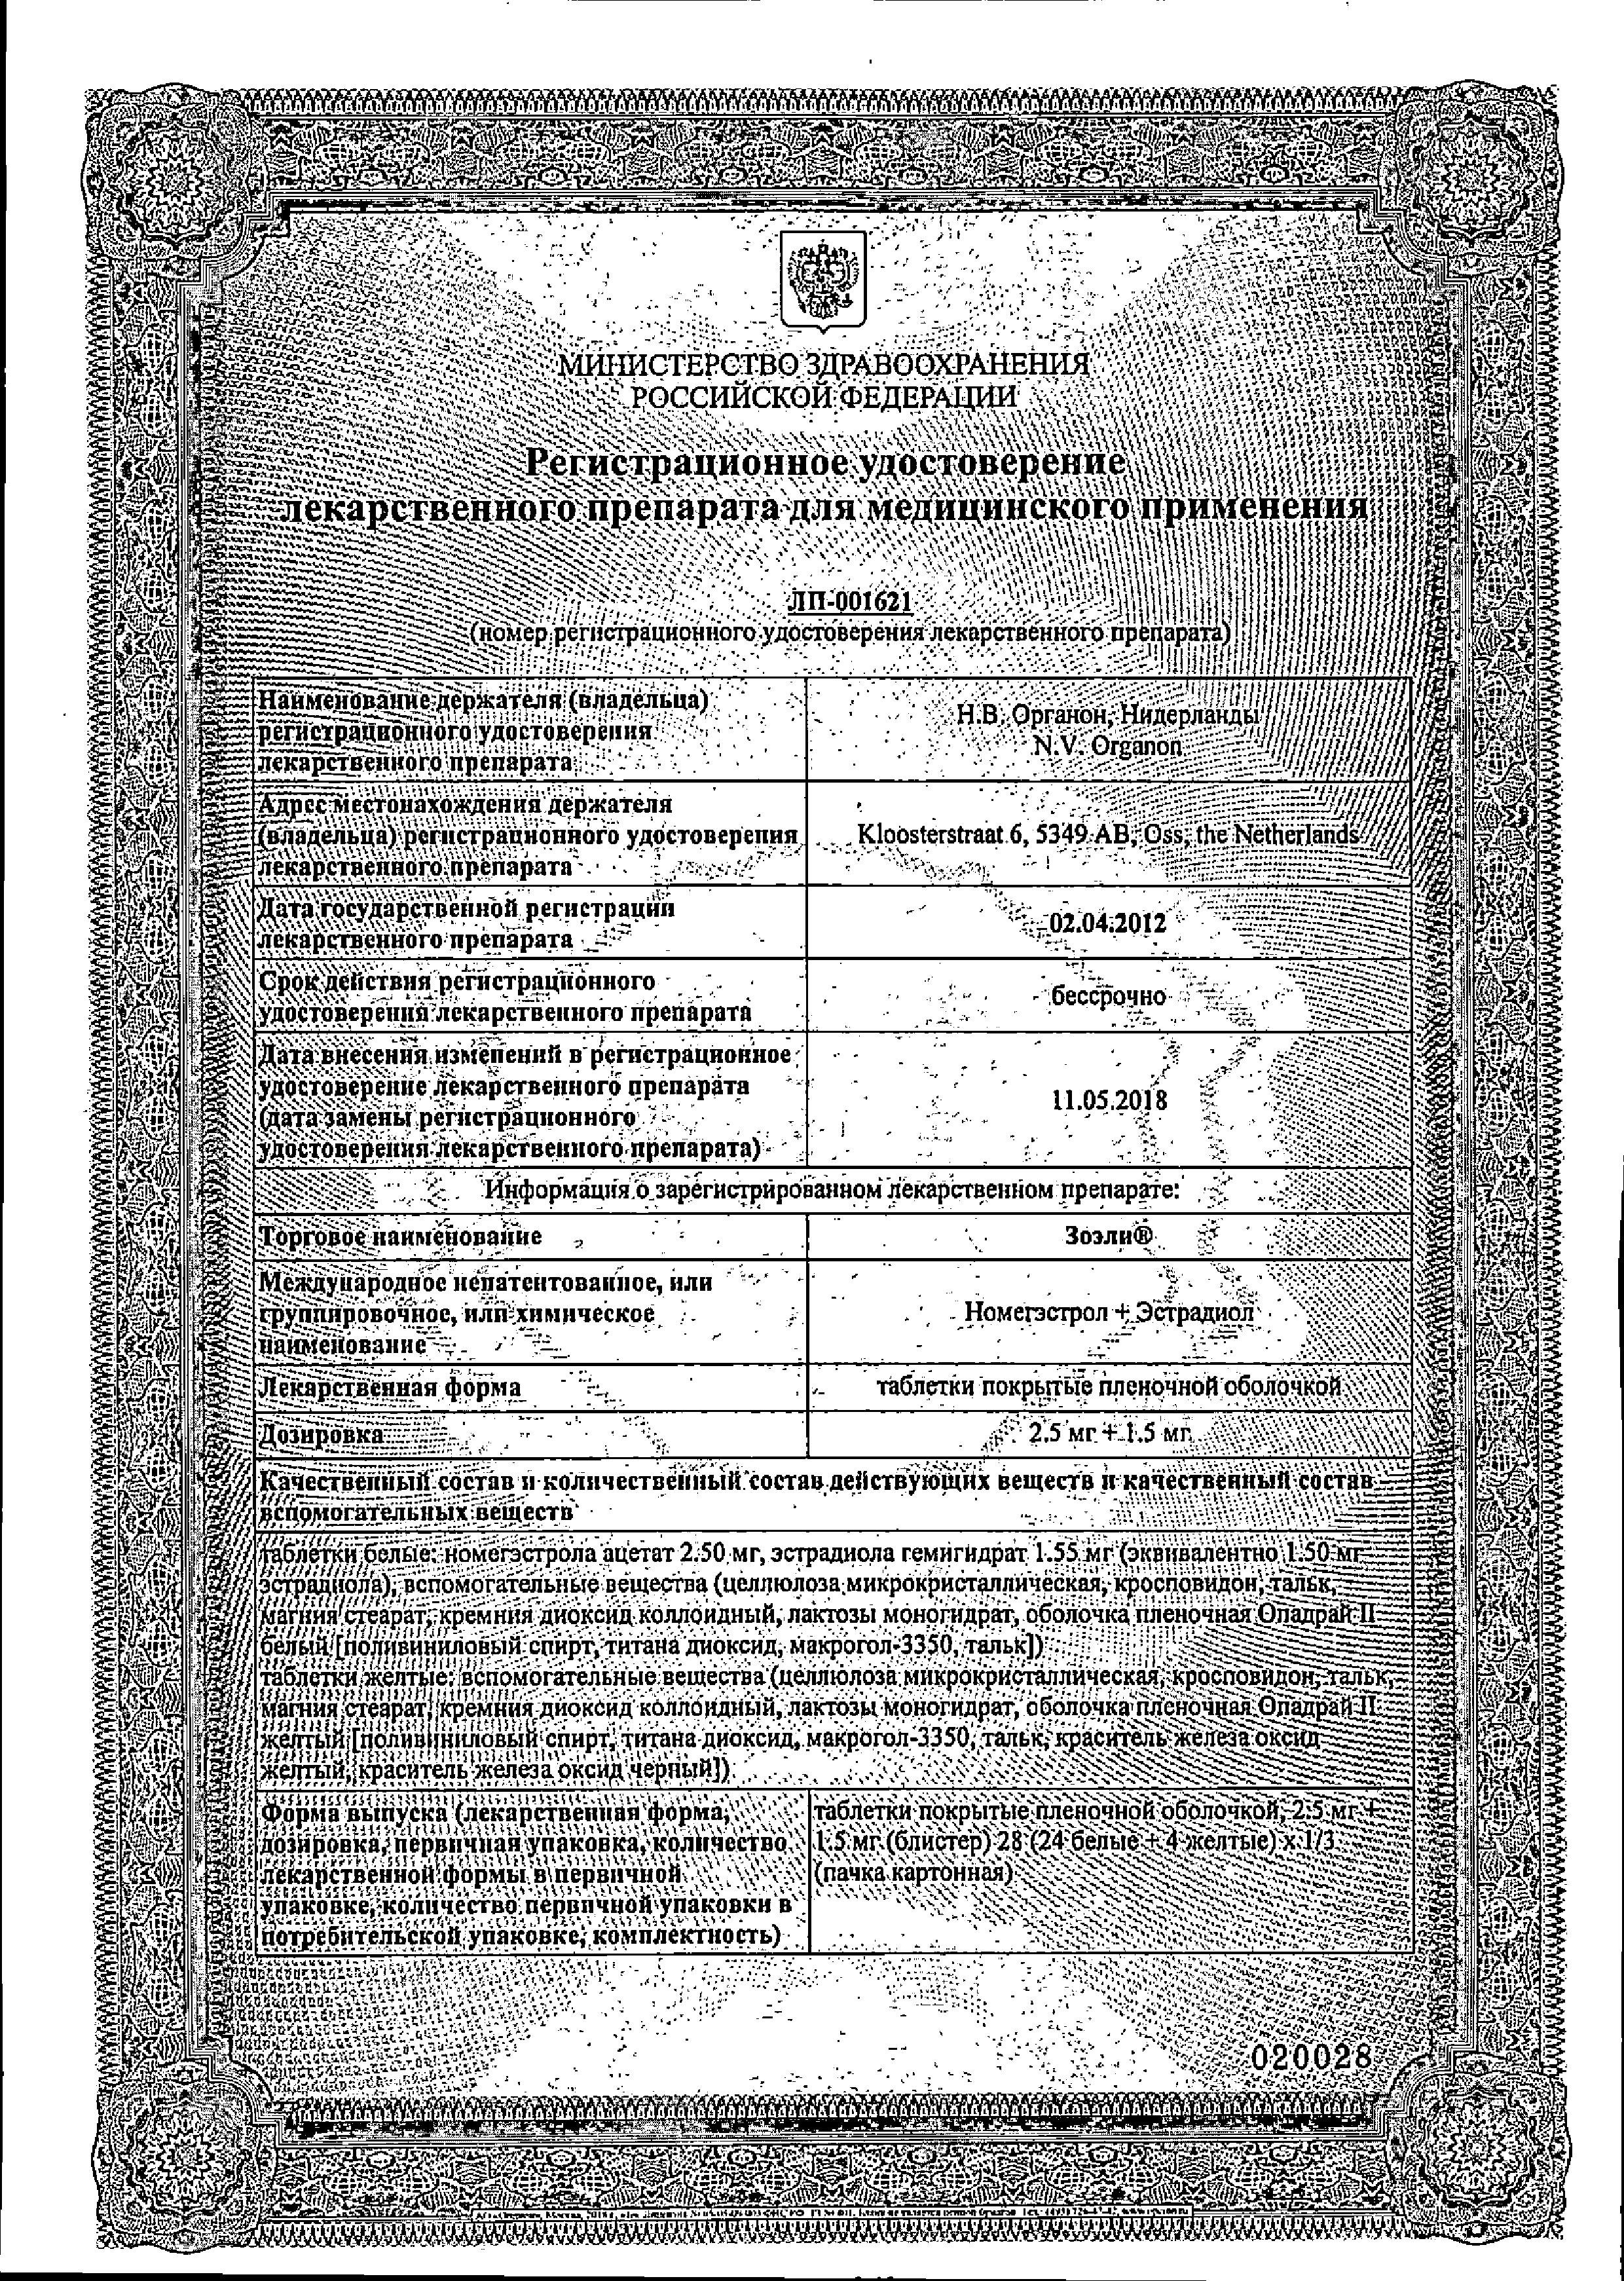 Зоэли сертификат